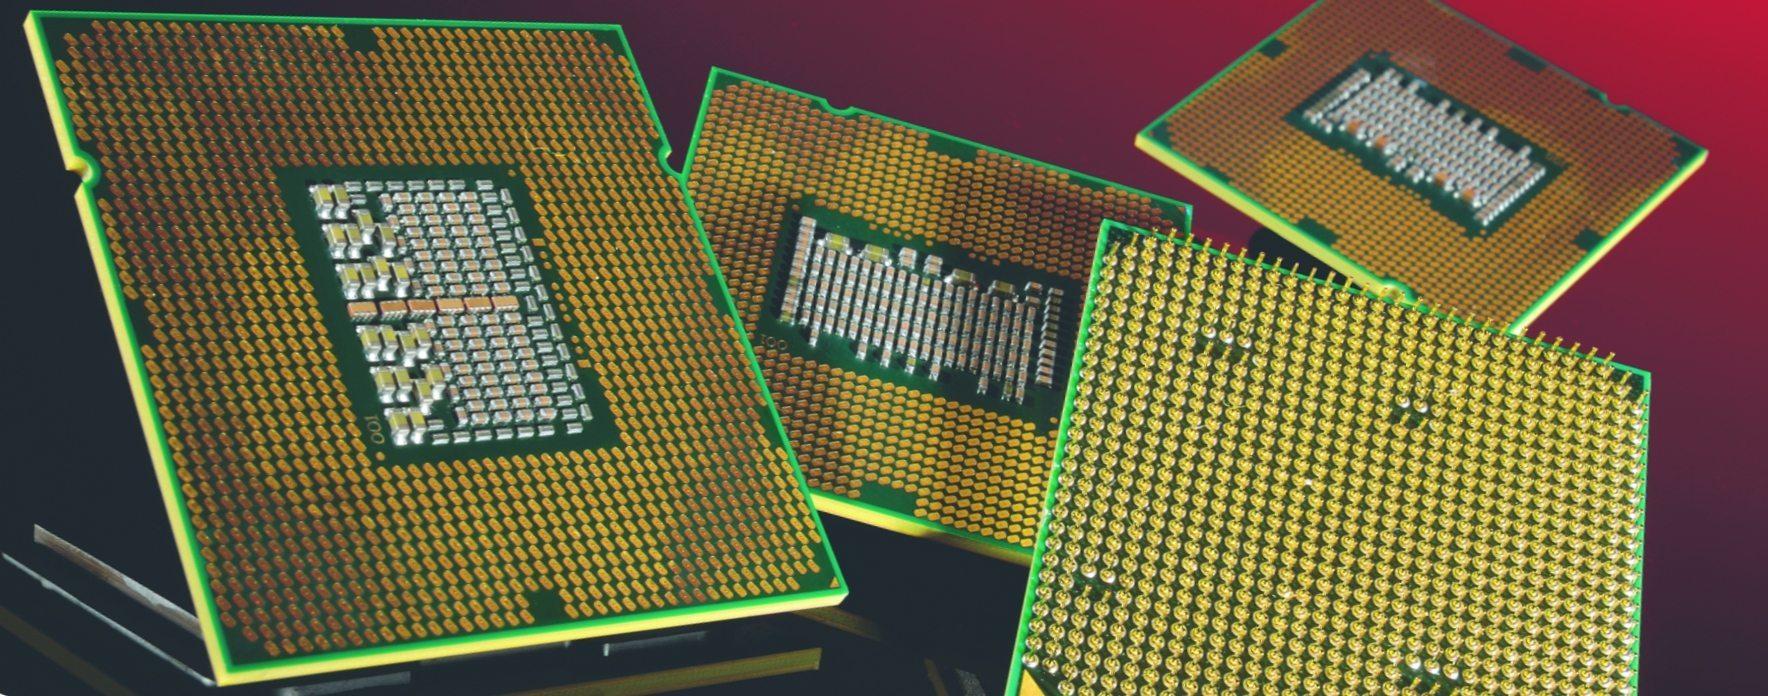 Intel-Broadwell